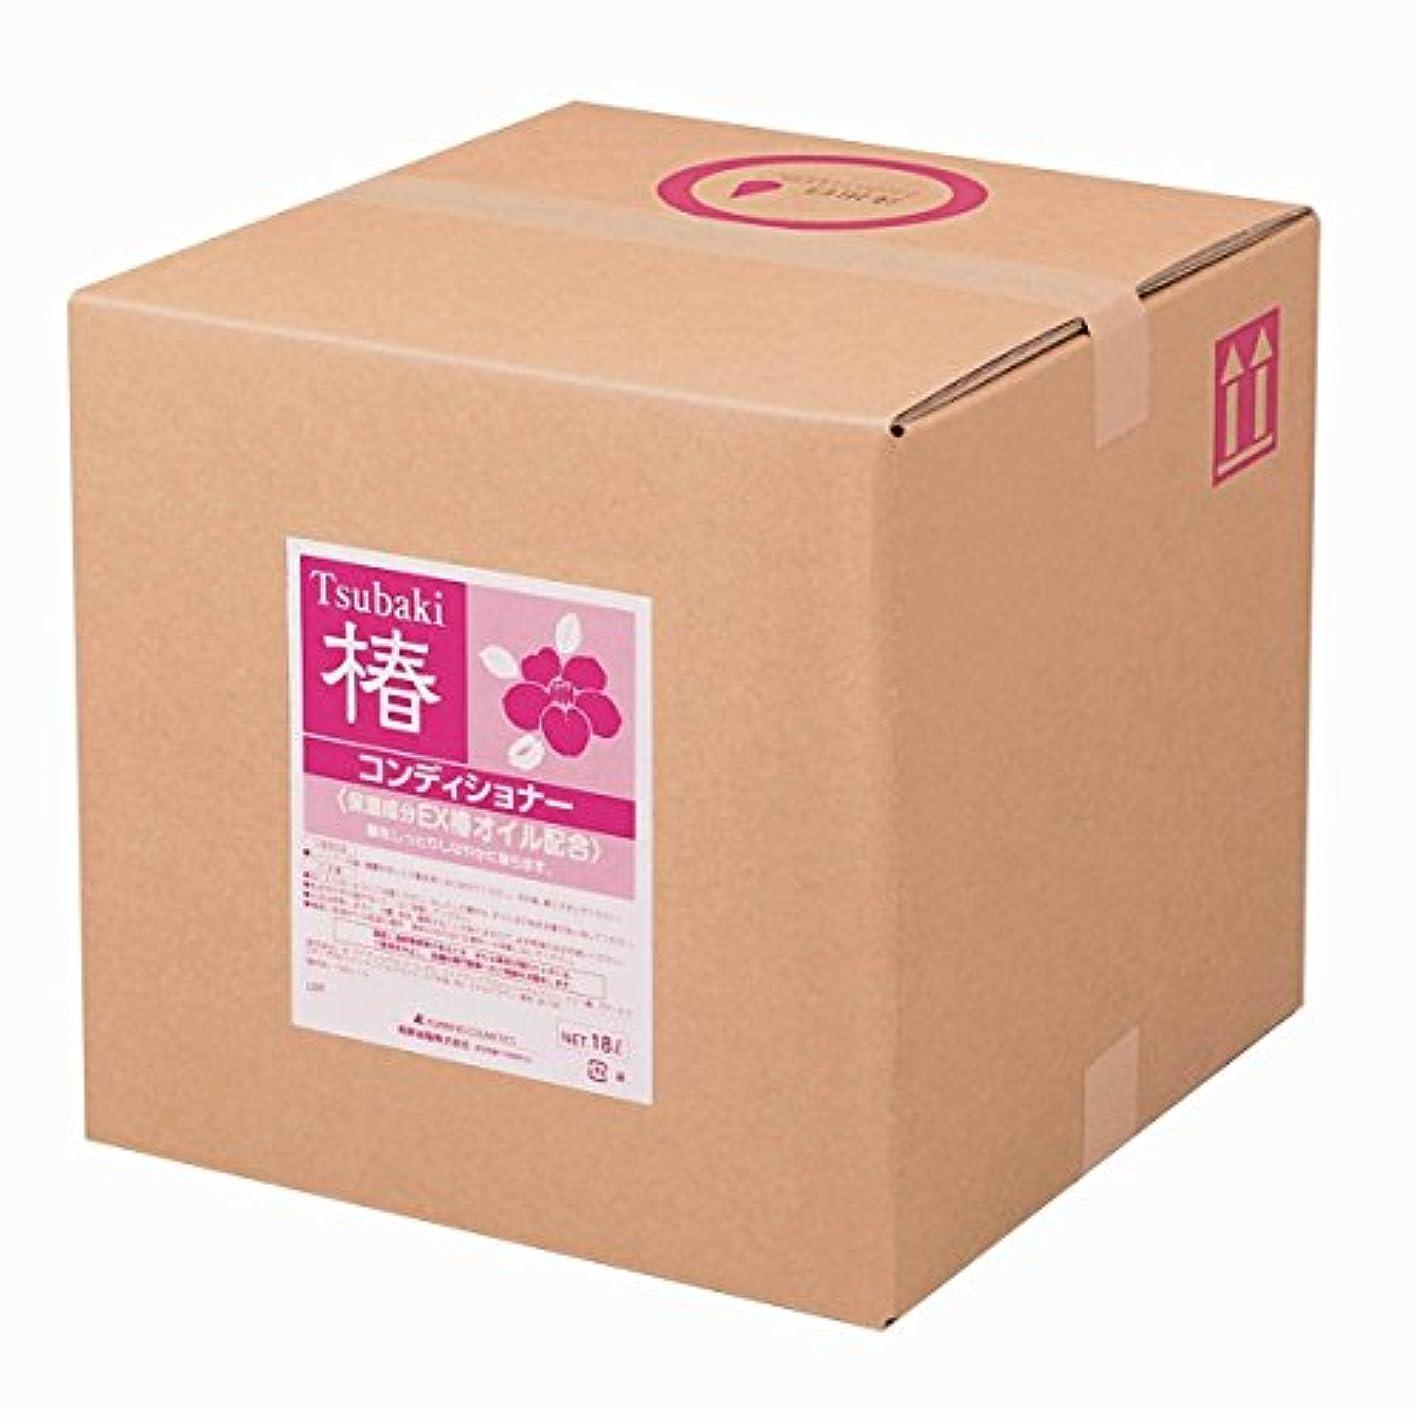 数値いう混乱した熊野油脂 業務用 椿 コンディショナー 18L